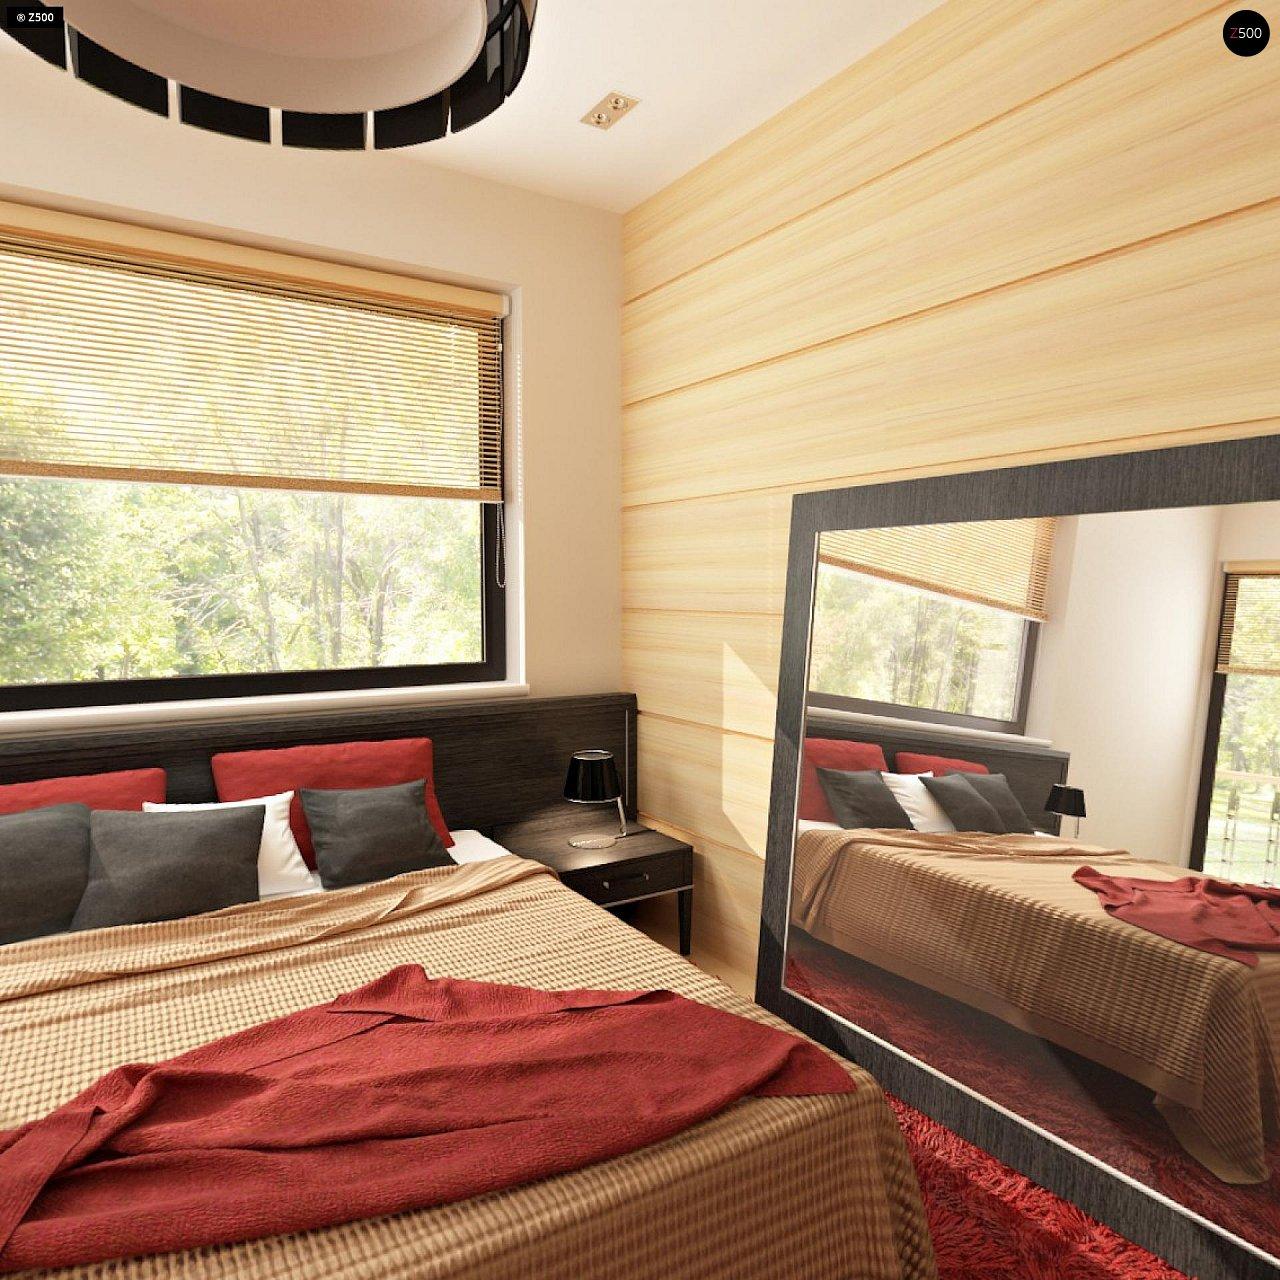 Вариант двухэтажного дома Zx24a с плитами перекрытия 18